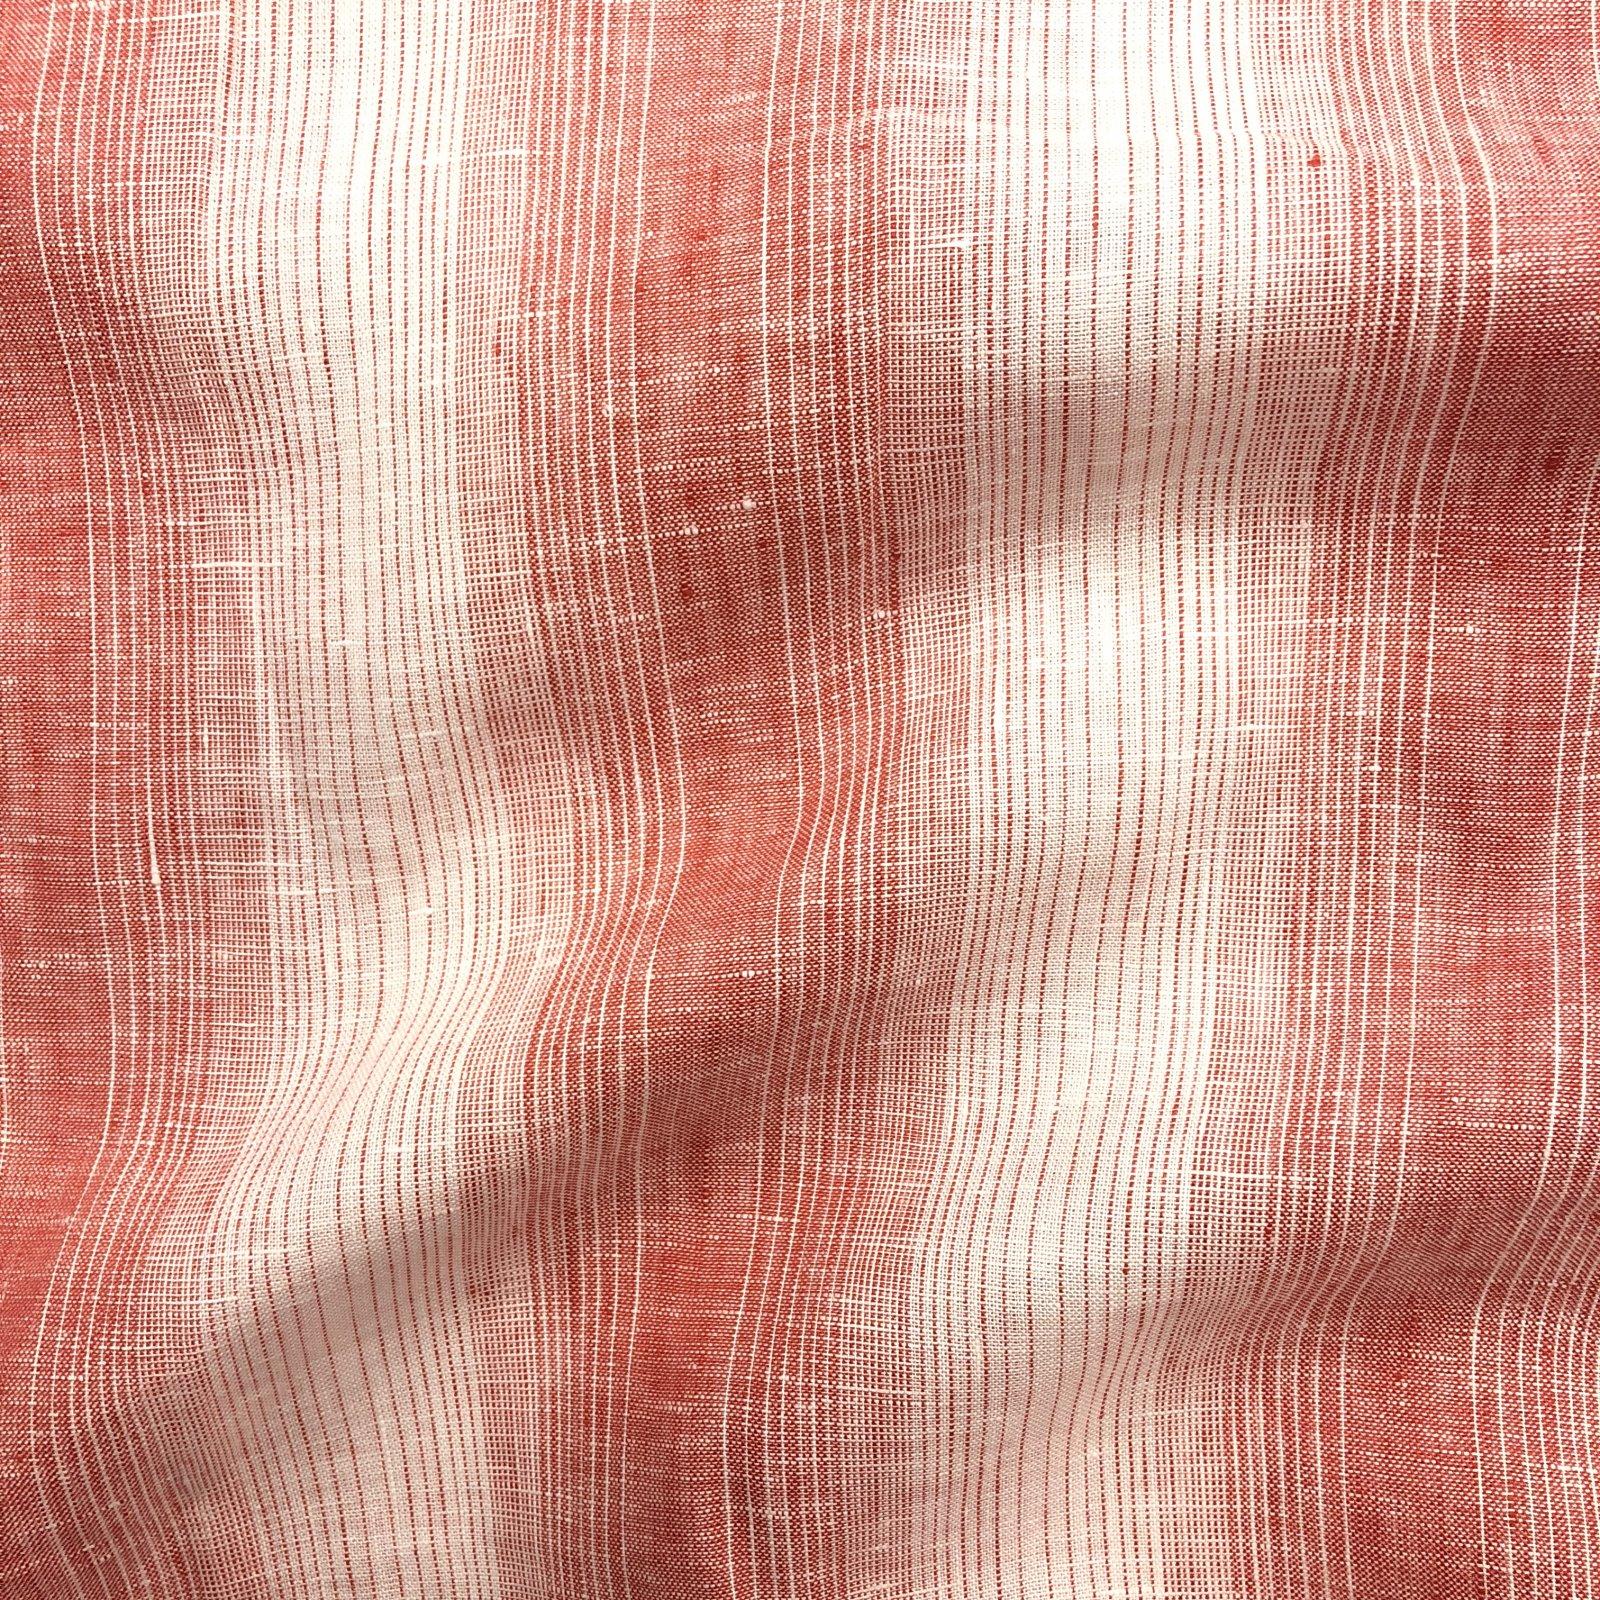 100% Linen - Yarn Dyed Varied Stripe - Apple